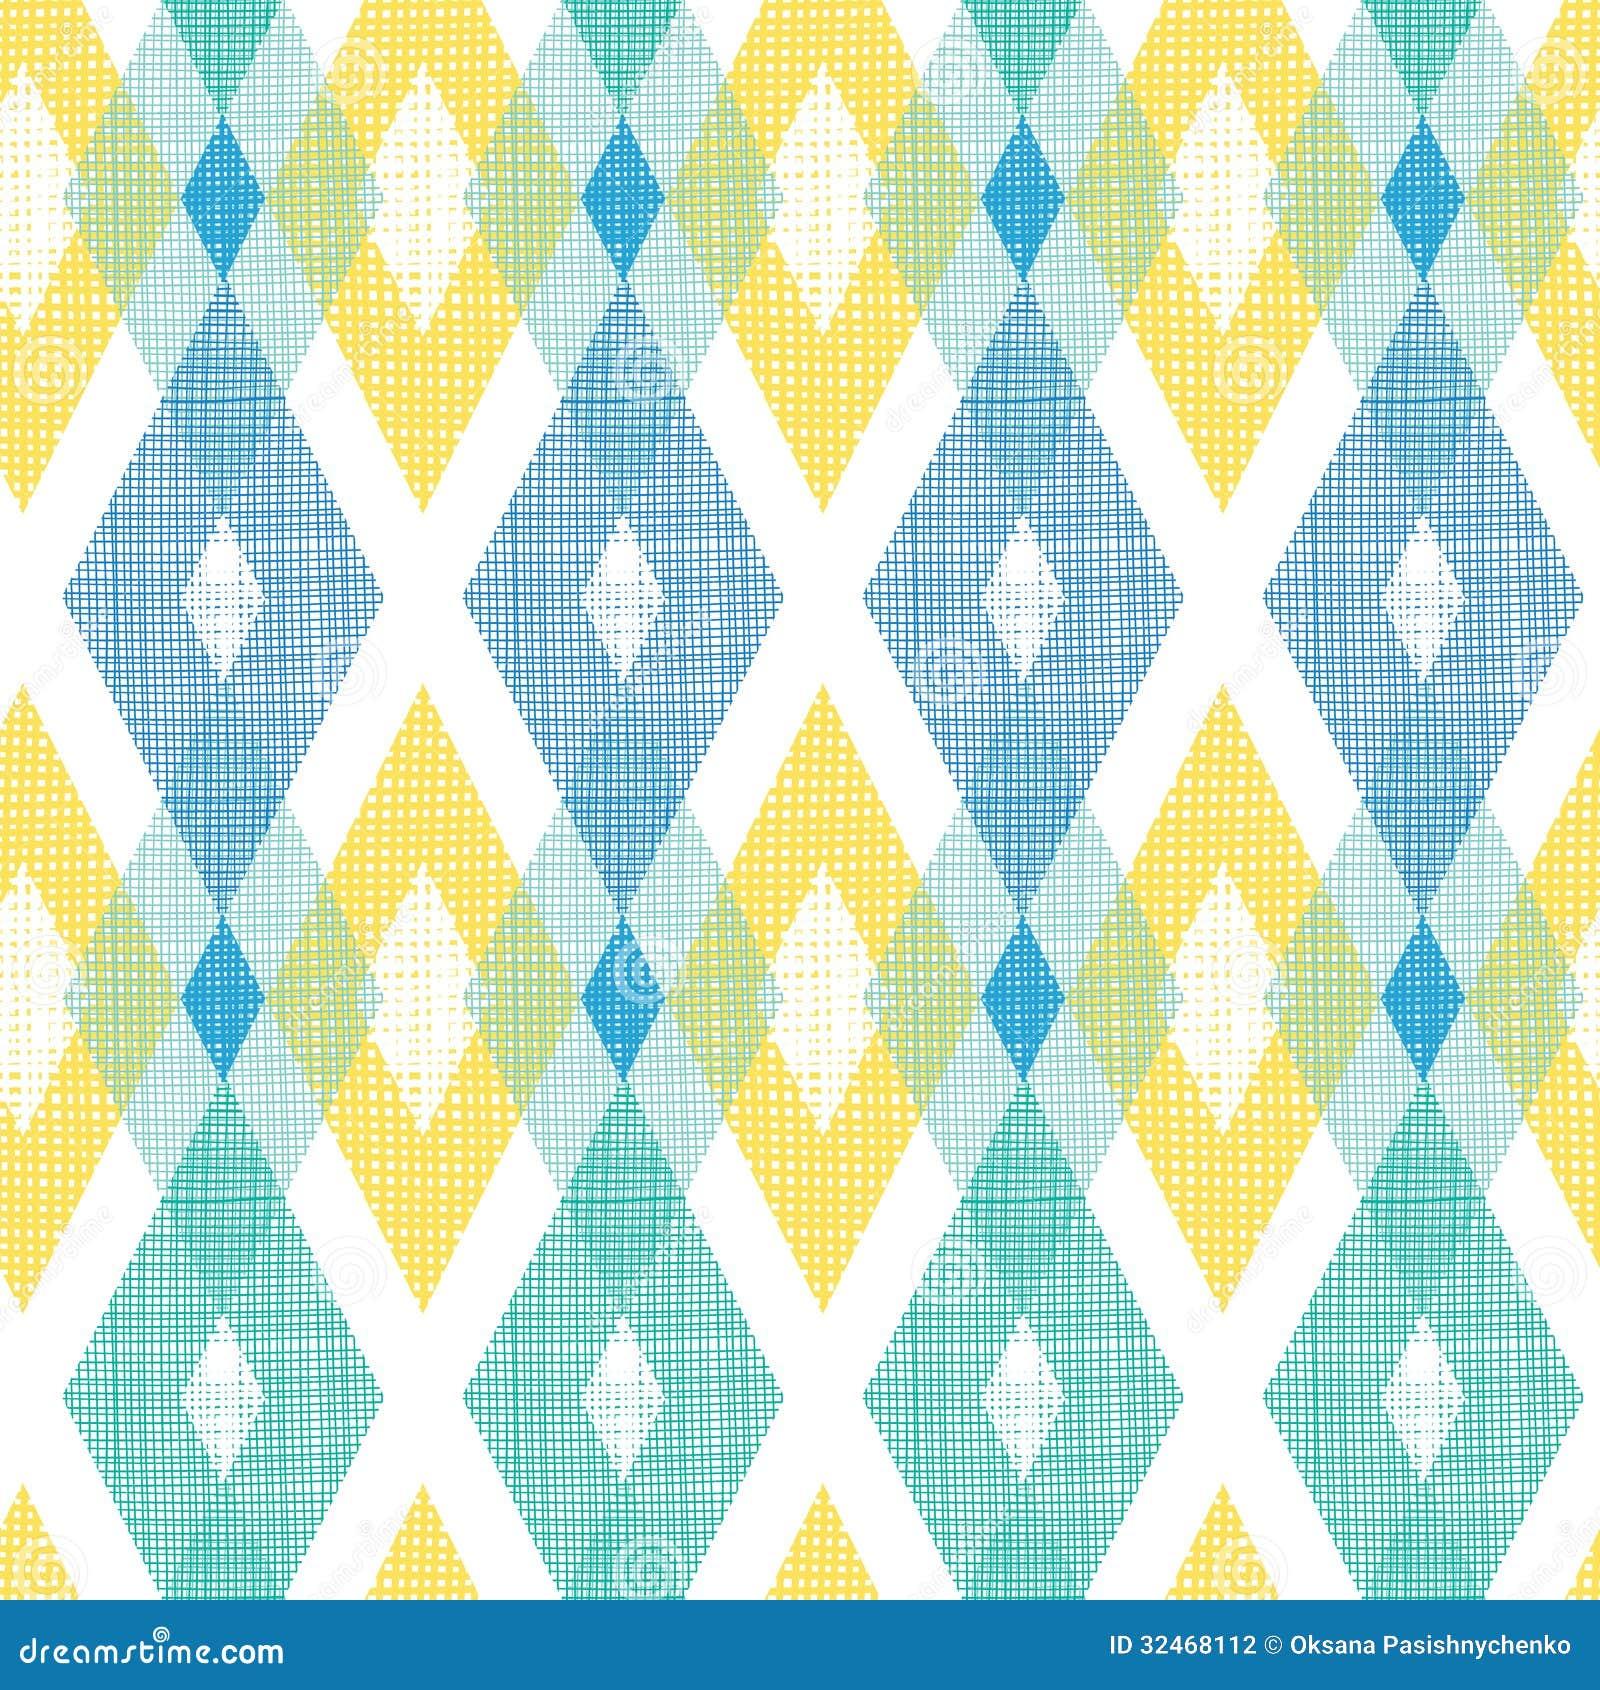 Colorful Fabric Ikat Diamond Seamless Pattern